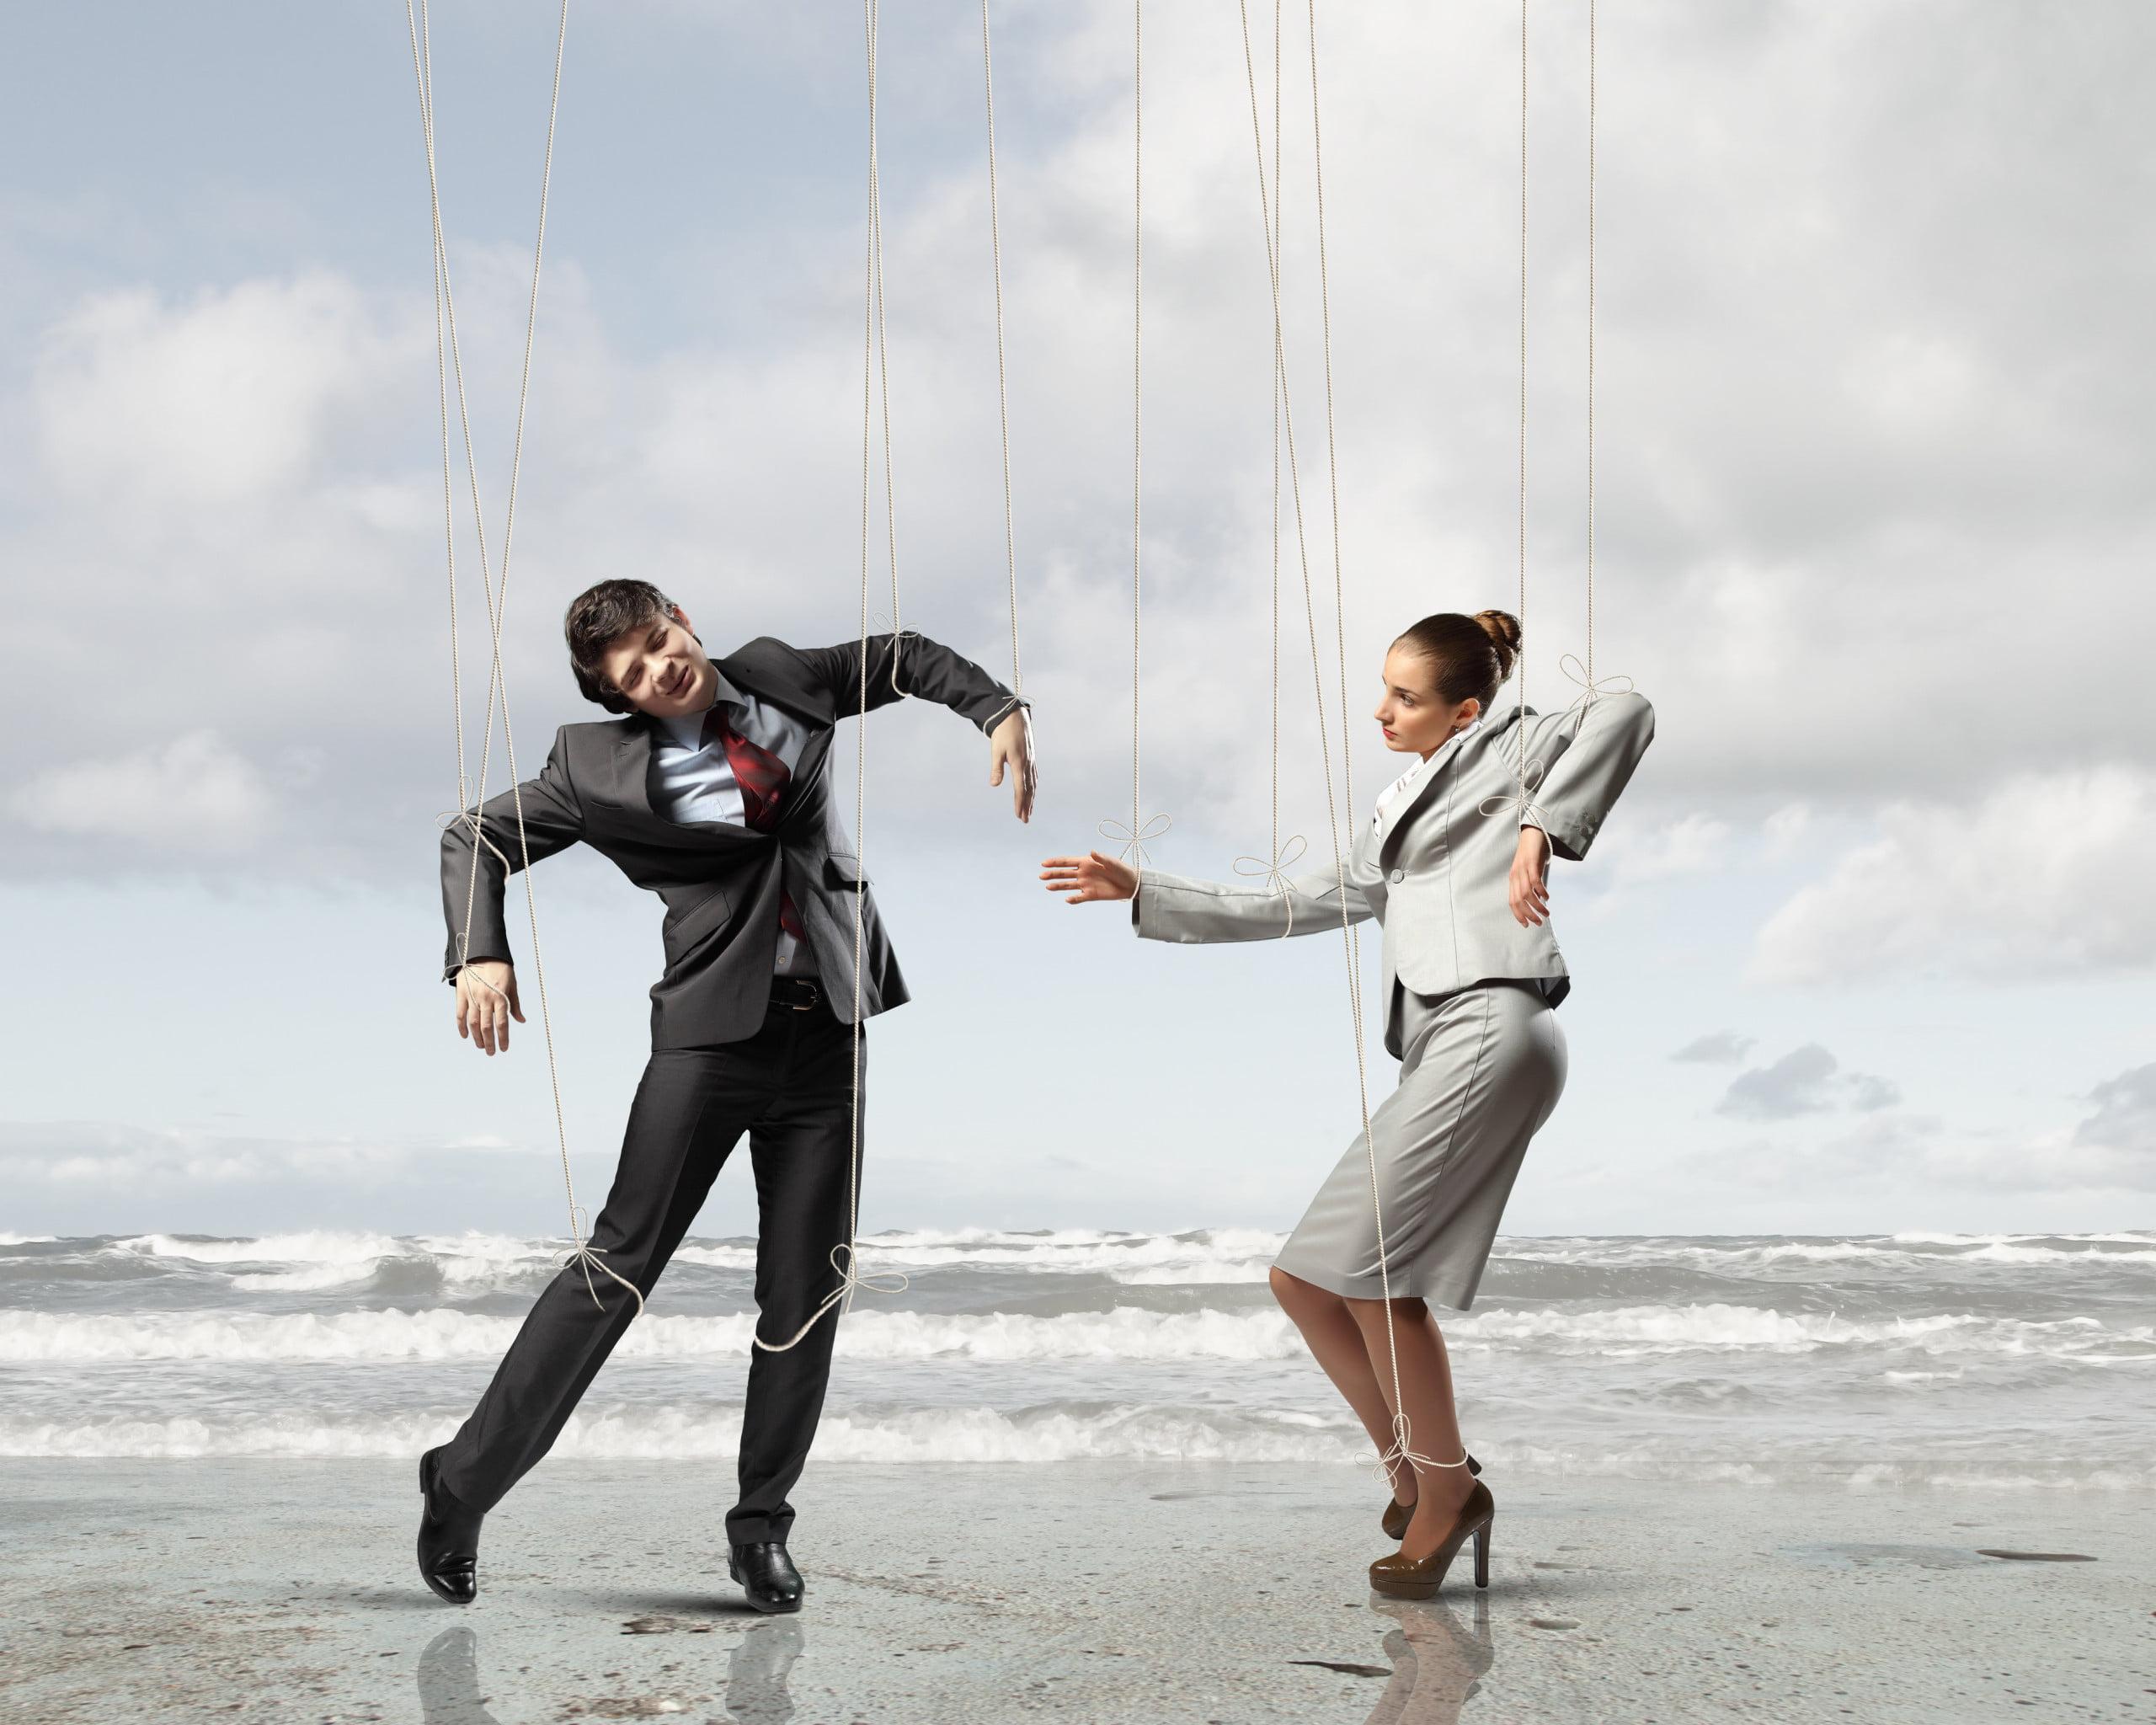 Kobieta i mężczyzna na sznurkach jak kukiełki, wykonuje ruchy które nie są sterowane nie przez nich